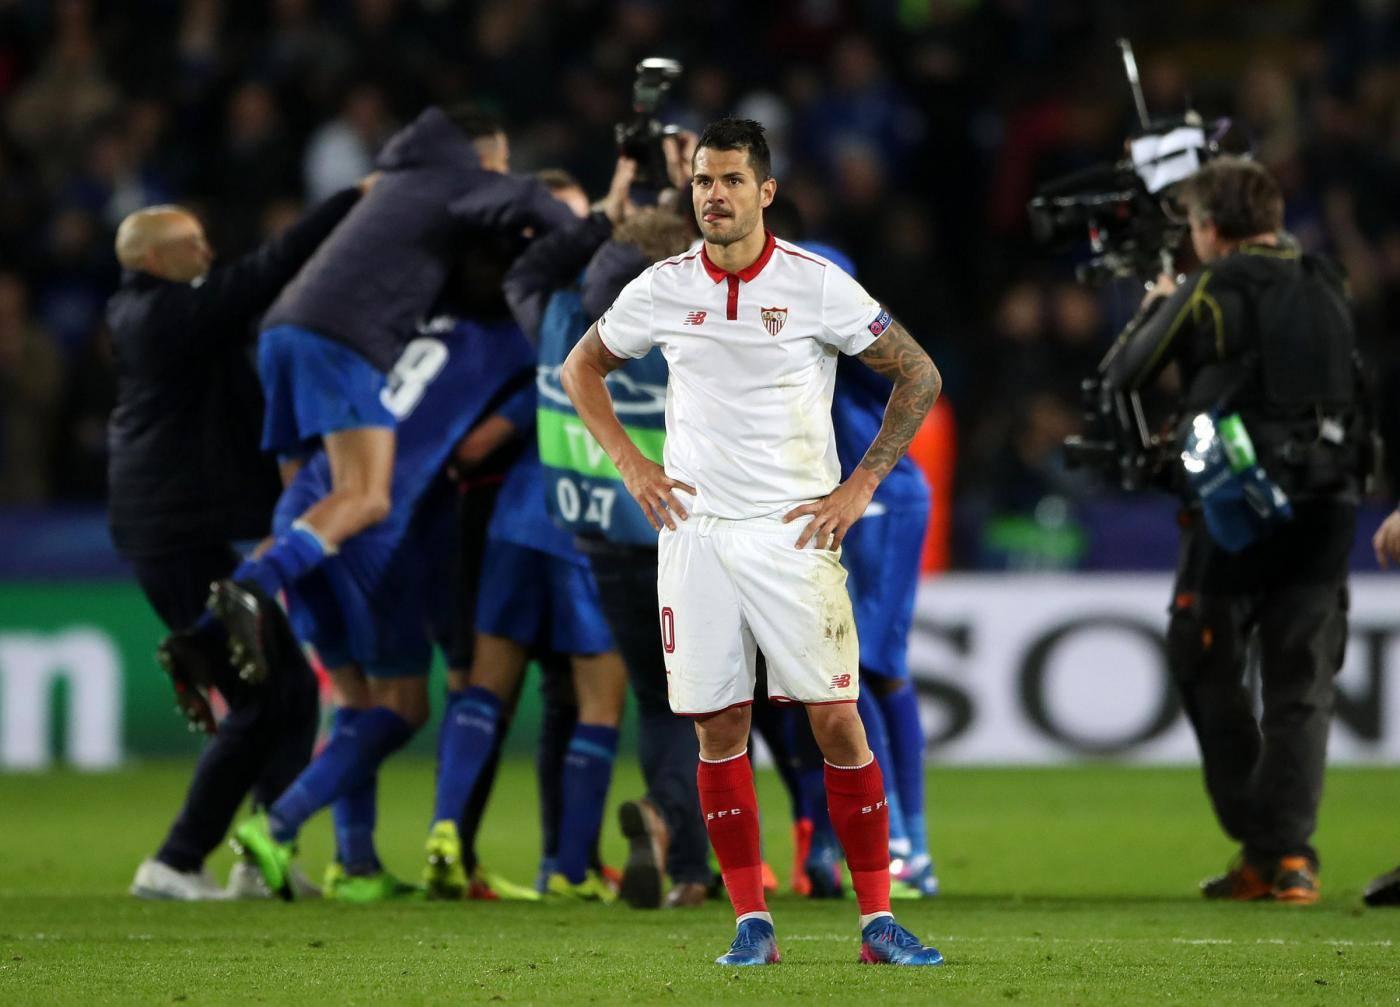 Leicester-Siviglia: highlights e gol del 2-0 che porta le Foxes ai quarti di Champions League